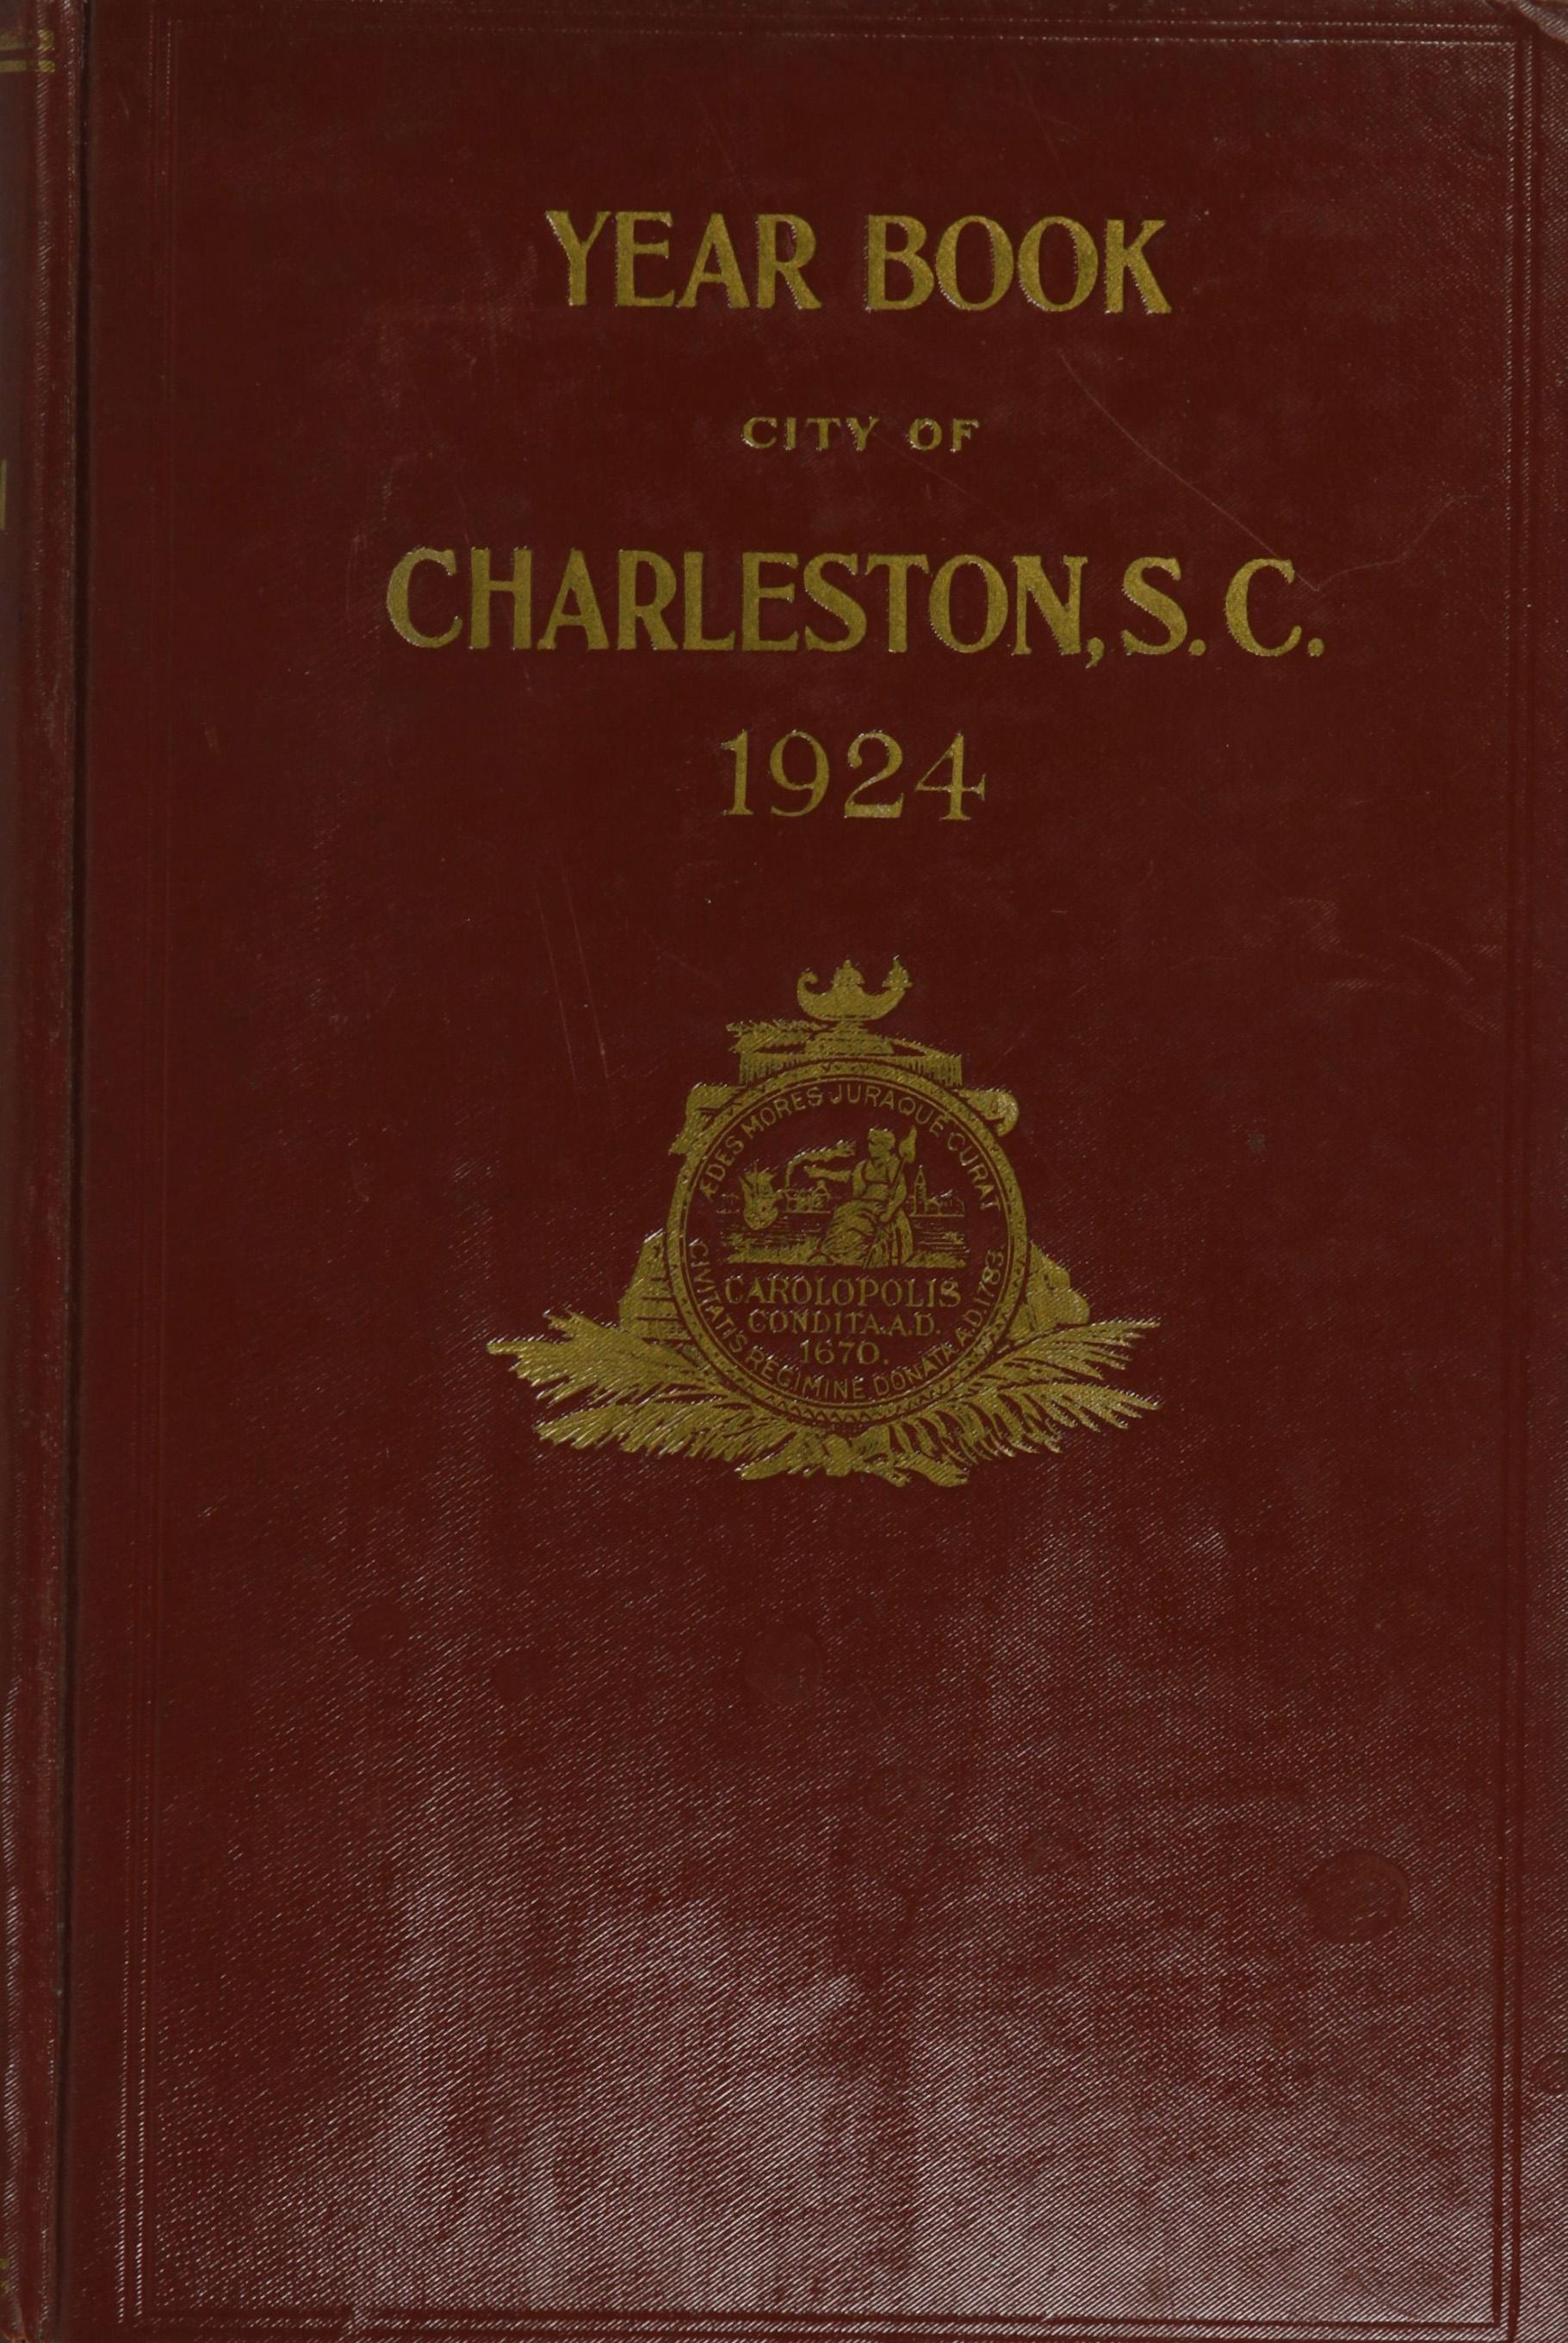 Charleston Yearbook, 1924, cover